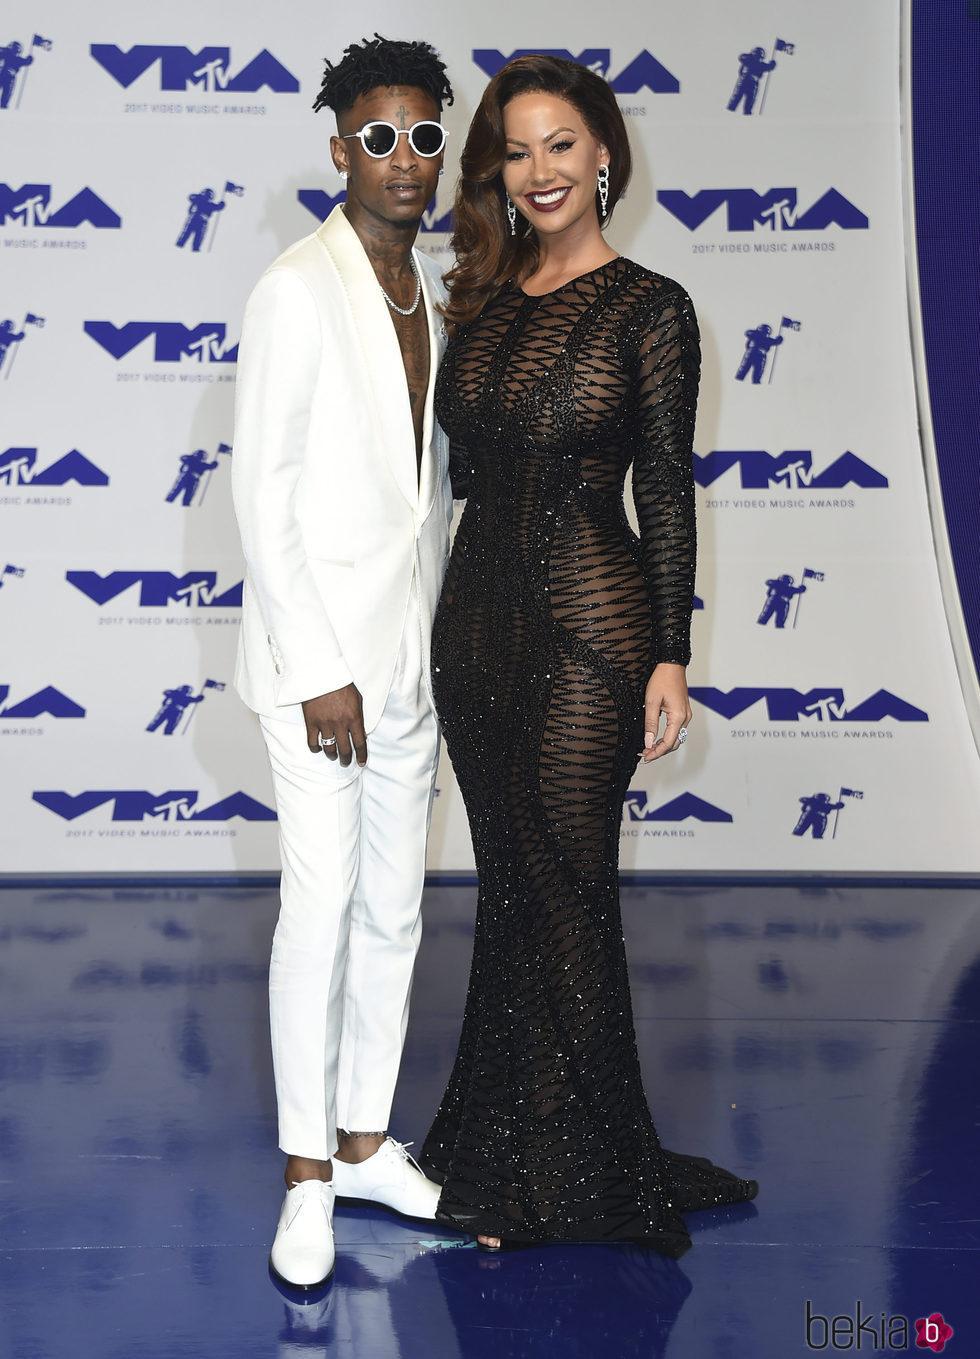 21 Savage y Amber Rose en los MTV VMA 2017